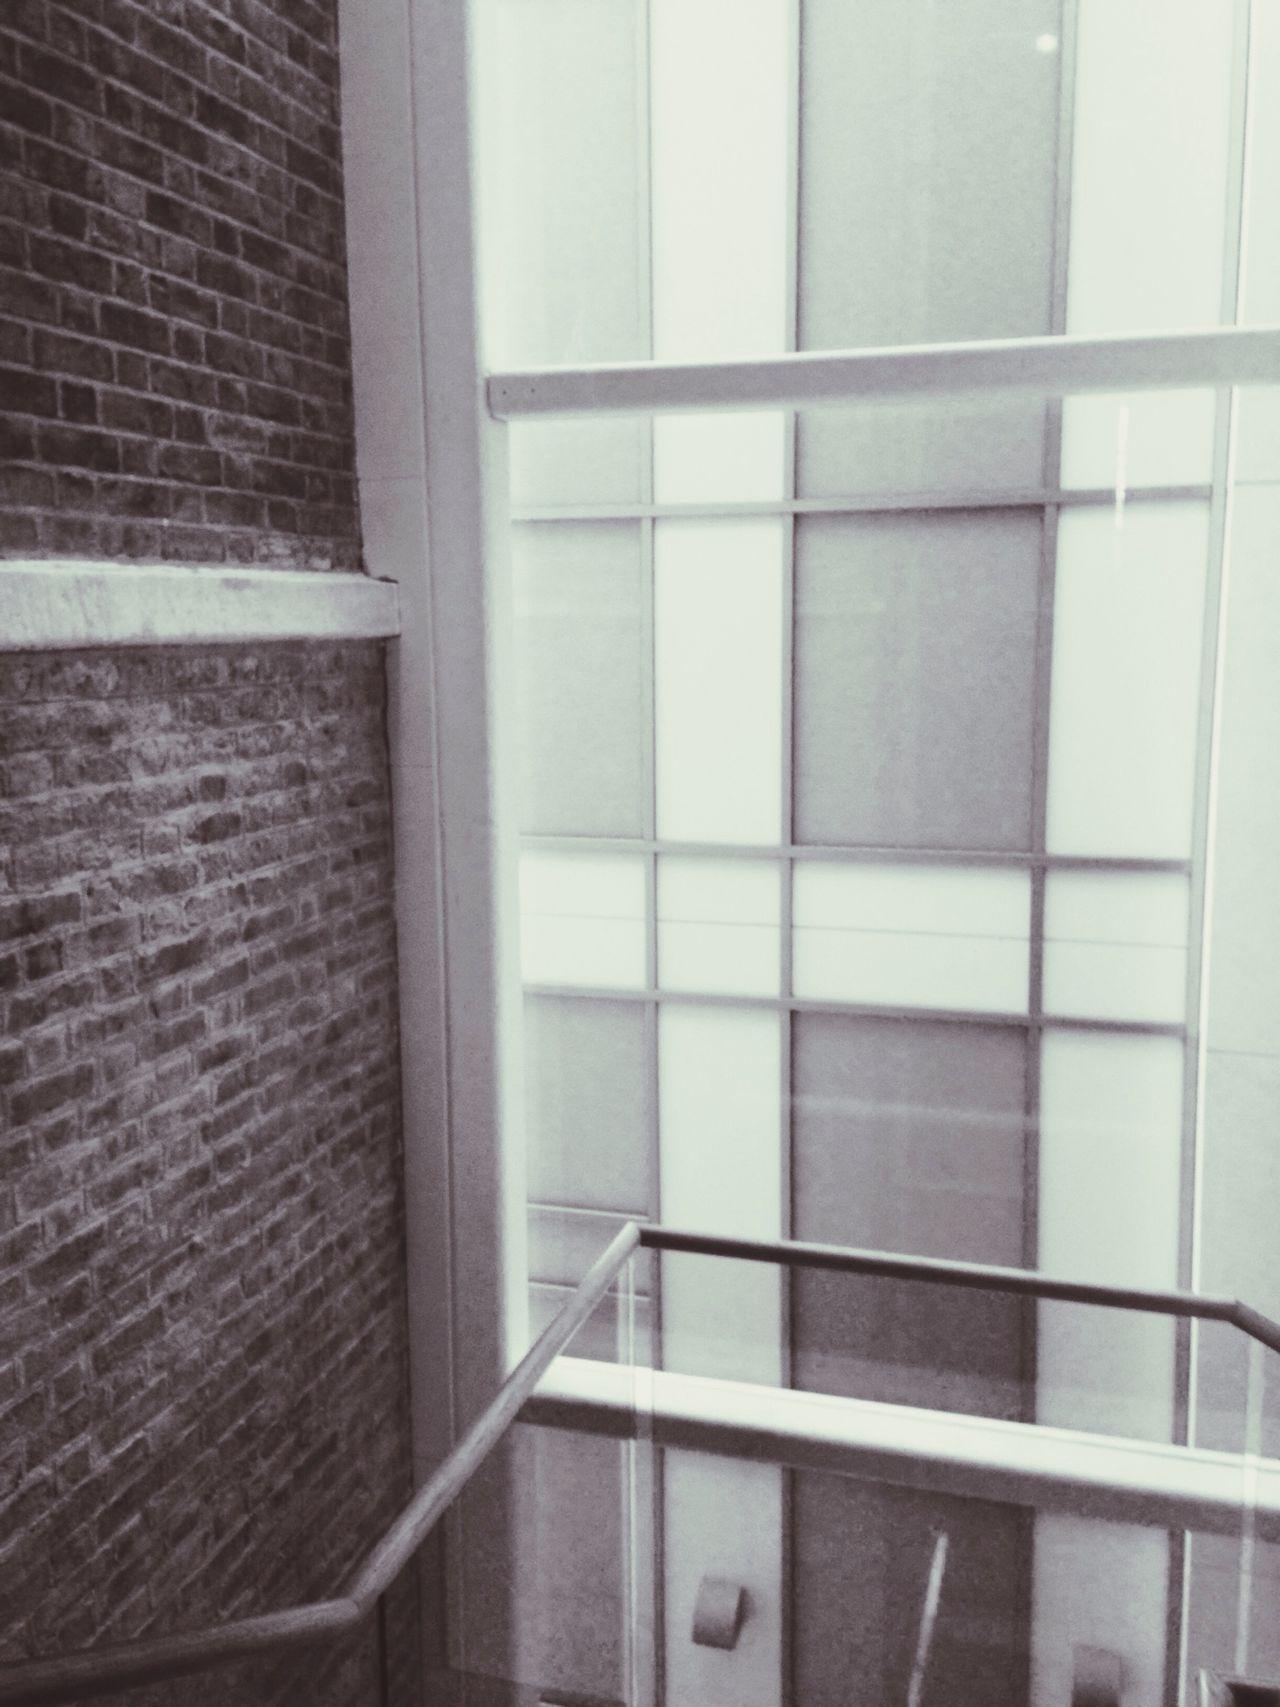 Lonely stairways Saatchi Gallery London South Kensington